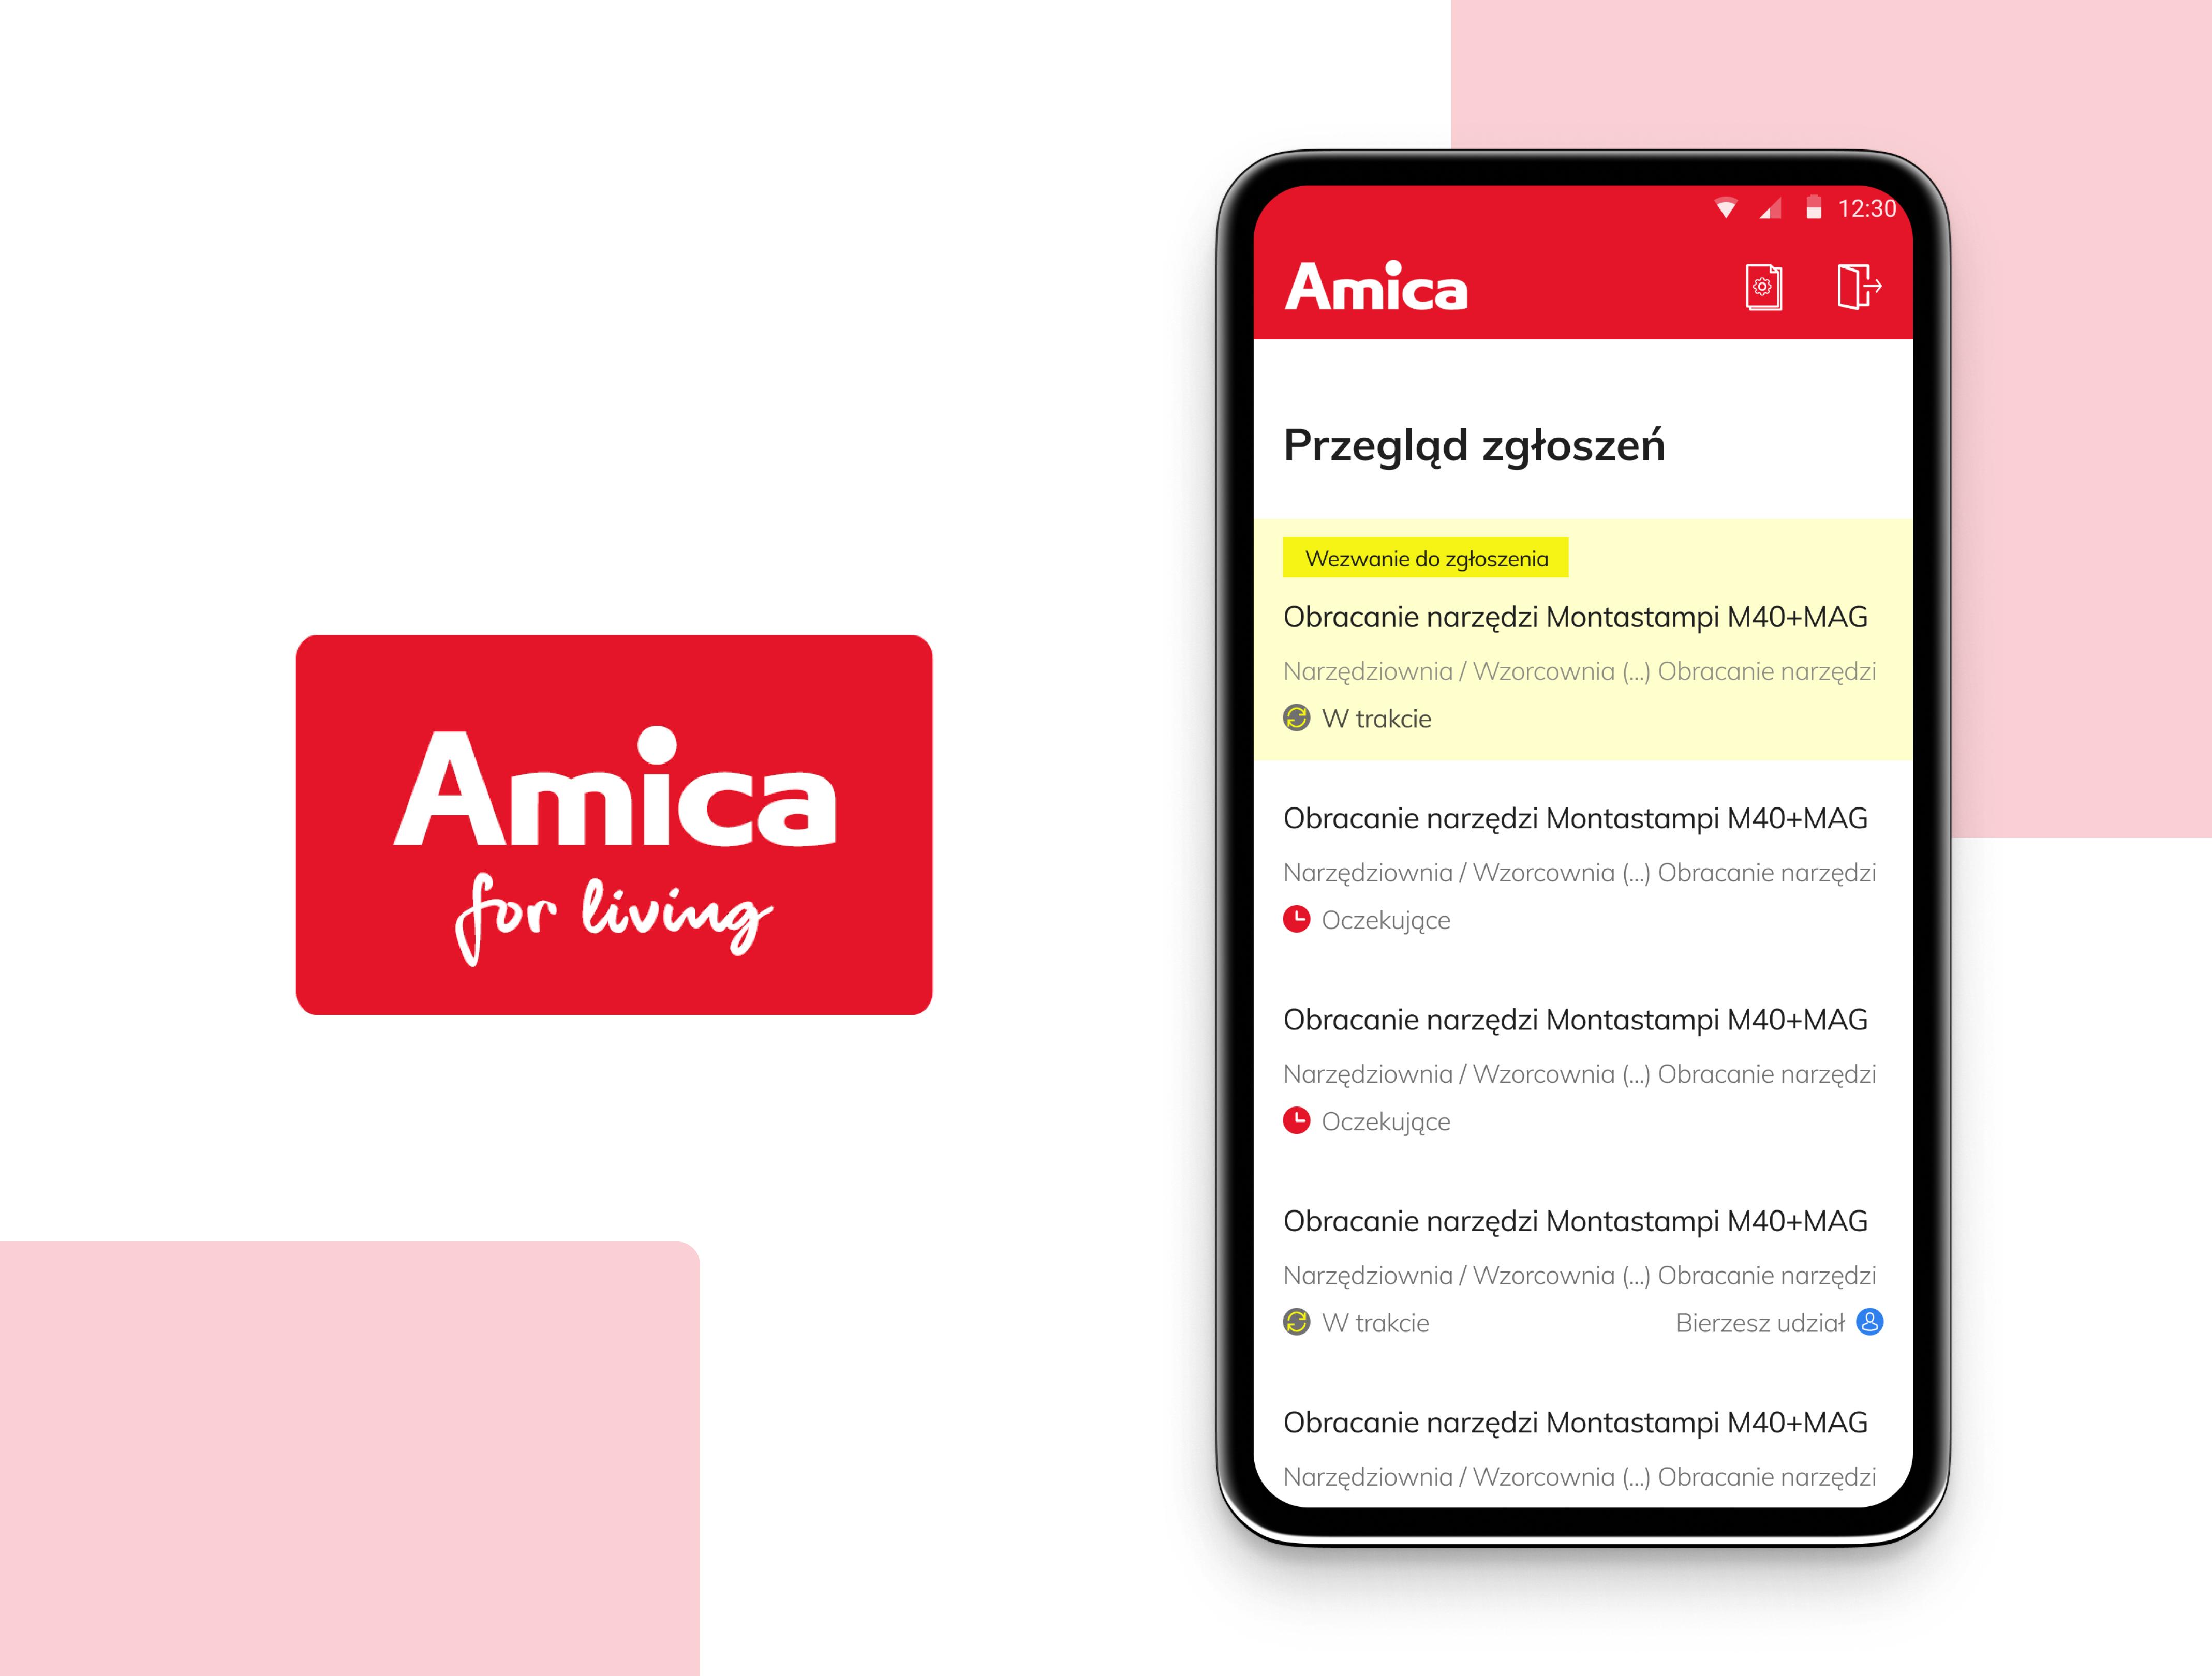 Utrzymanie ruchu w Amica-wdrożenie aplikacji AWARIE